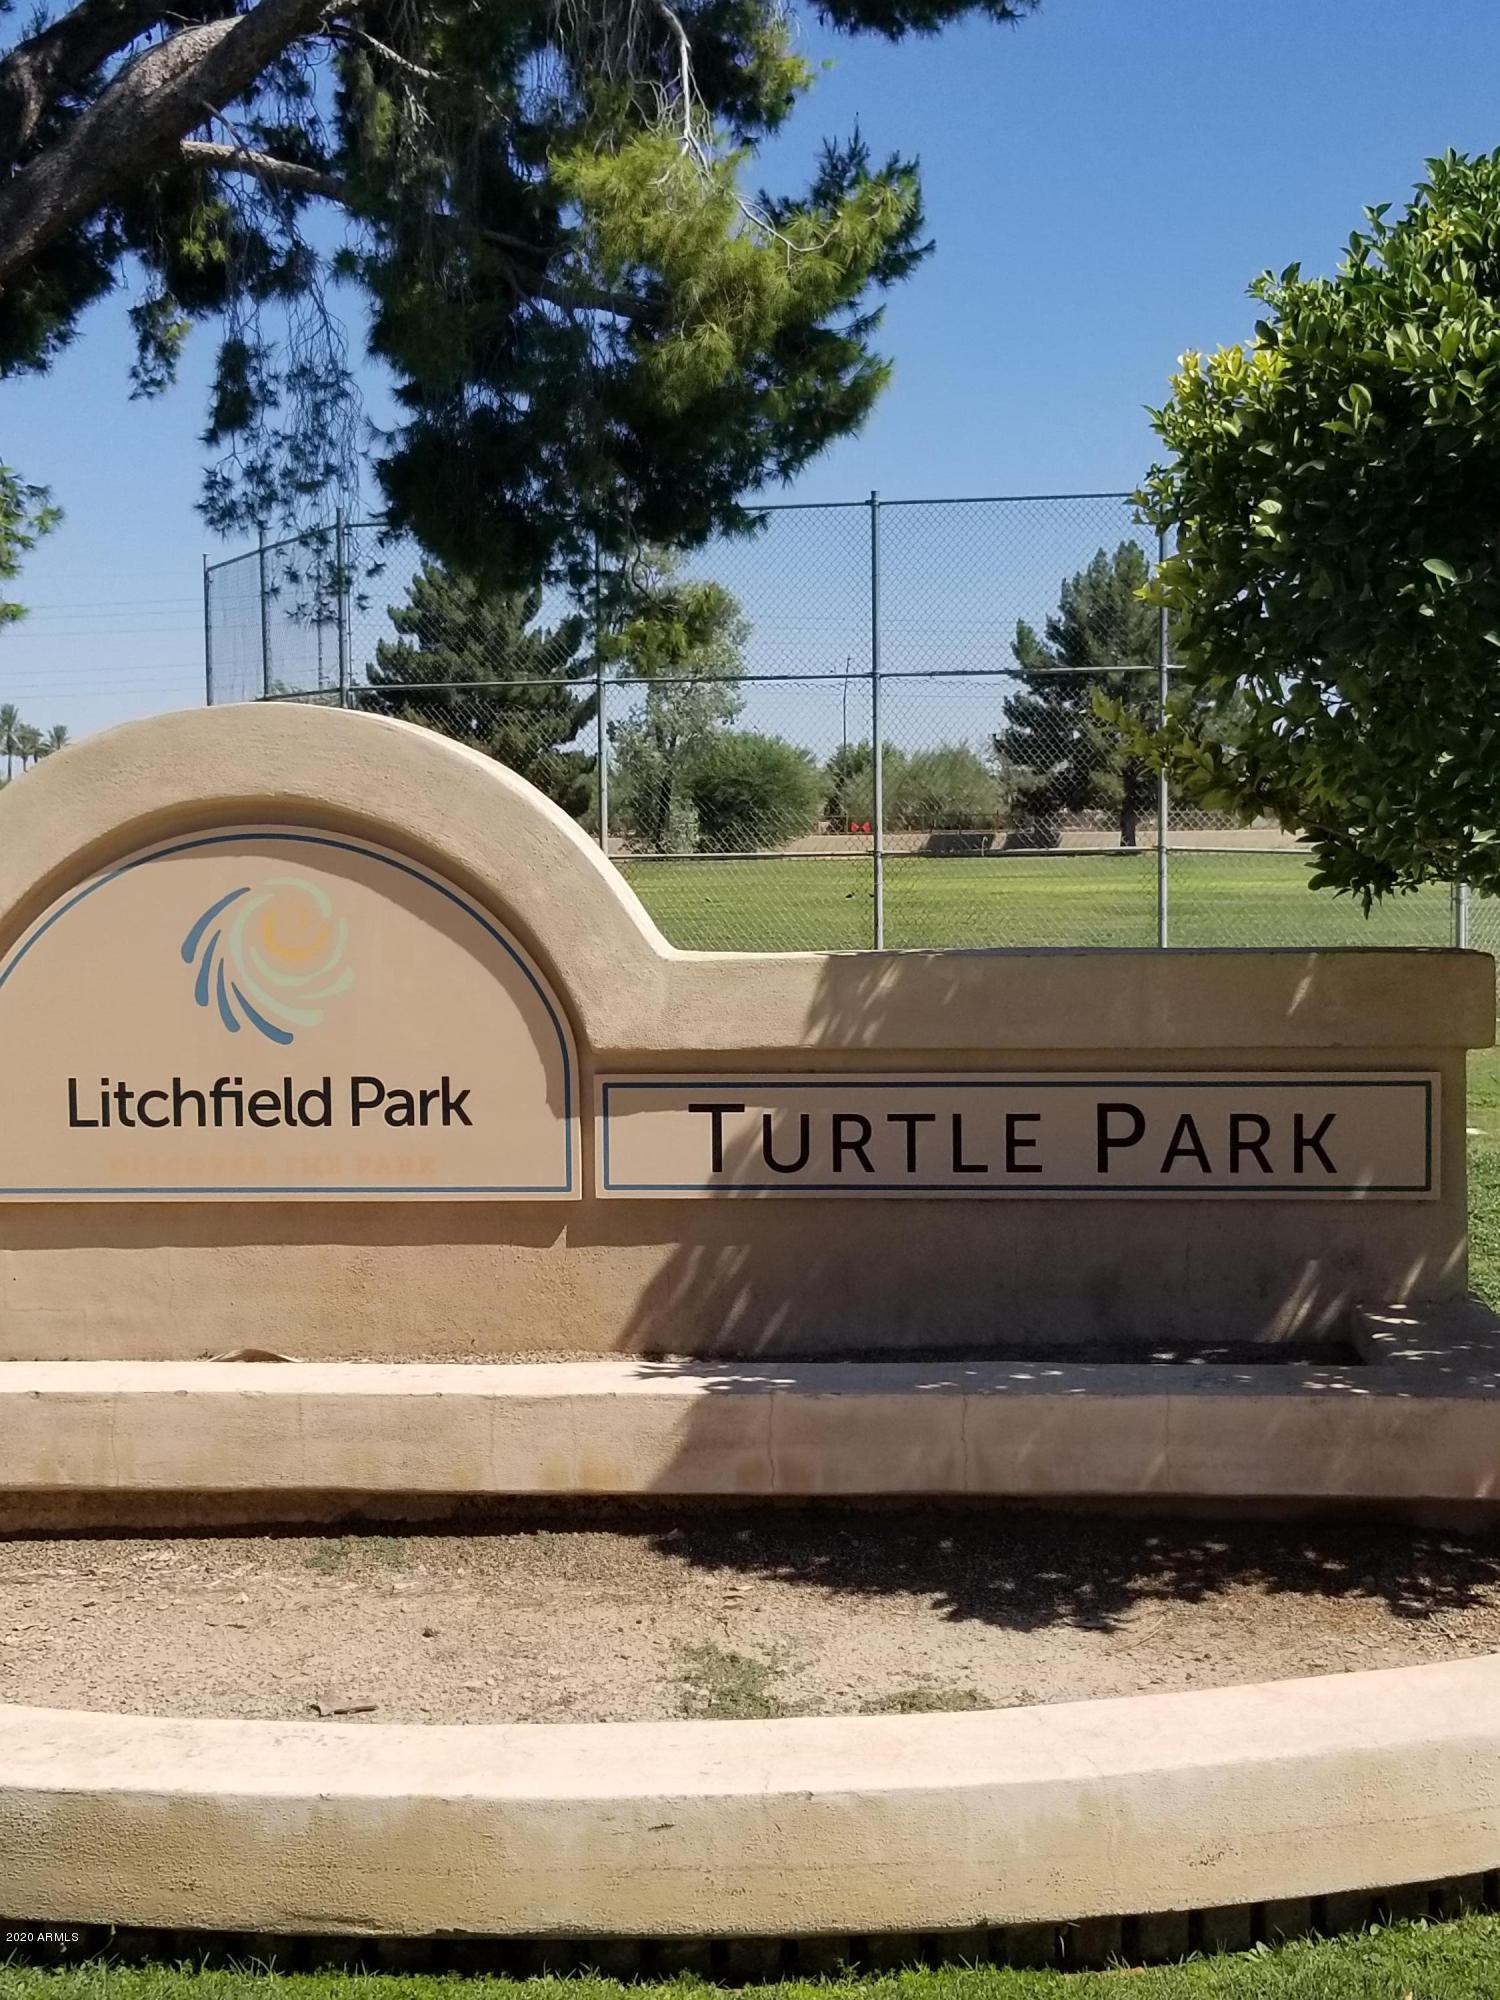 MLS 6098124 660 S VILLA NUEVA Drive, Litchfield Park, AZ 85340 Litchfield Park AZ Three Bedroom